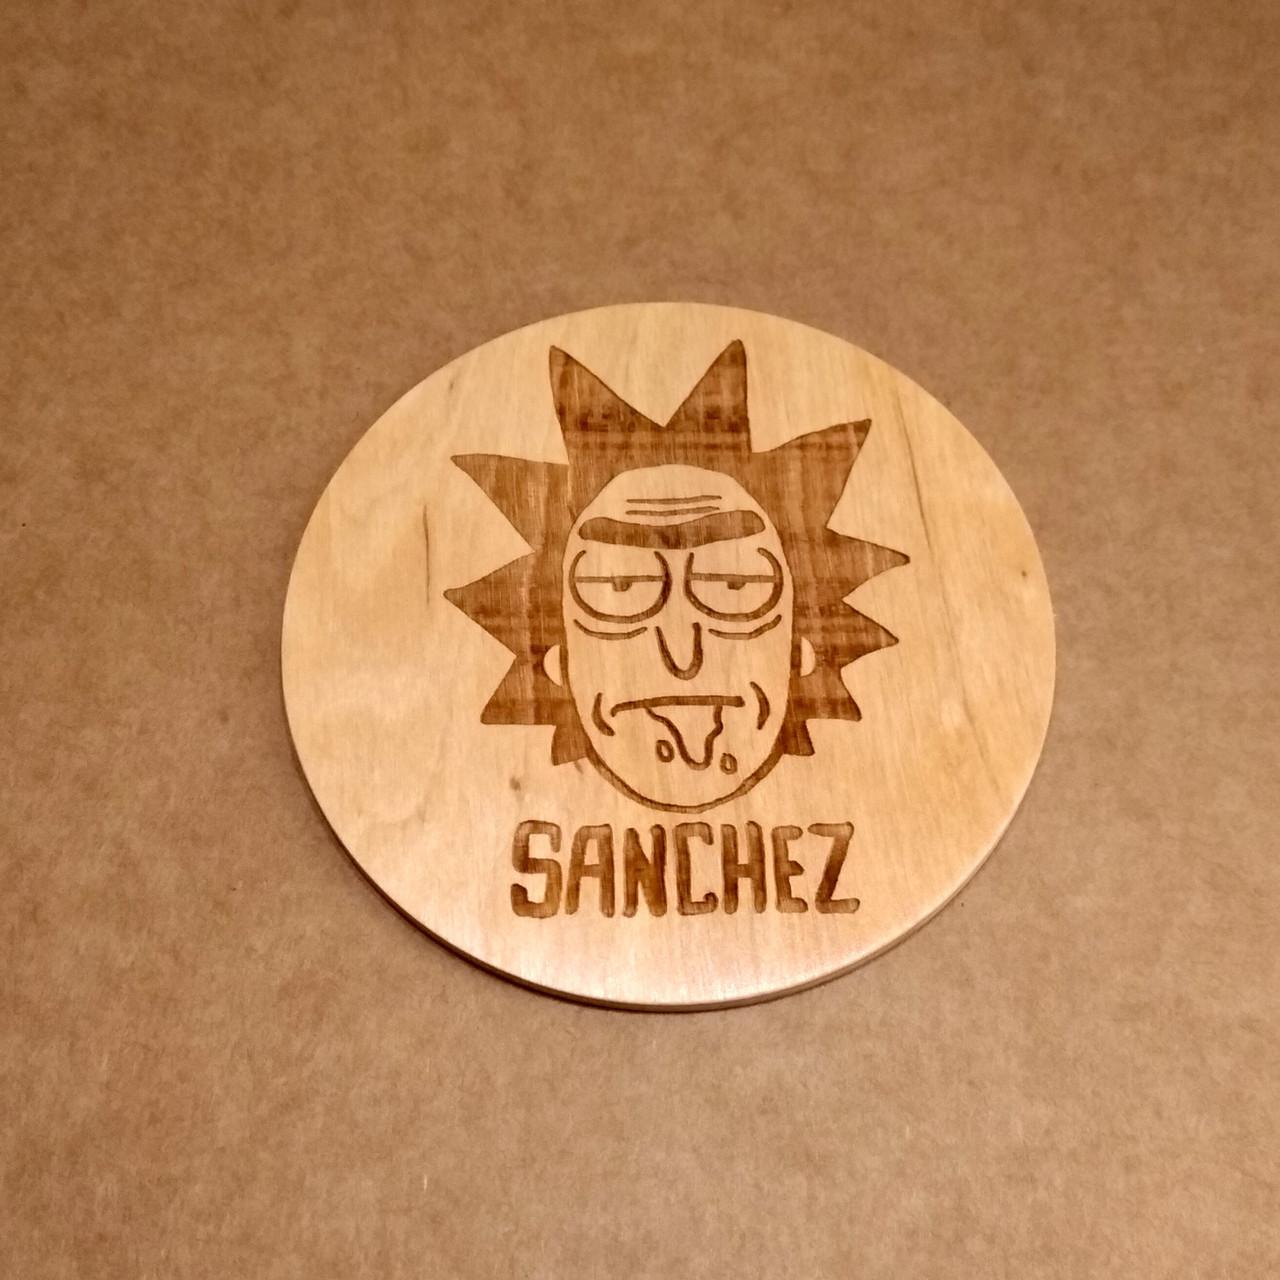 Костер деревянный. Подставка под кружку Рик Санчез.